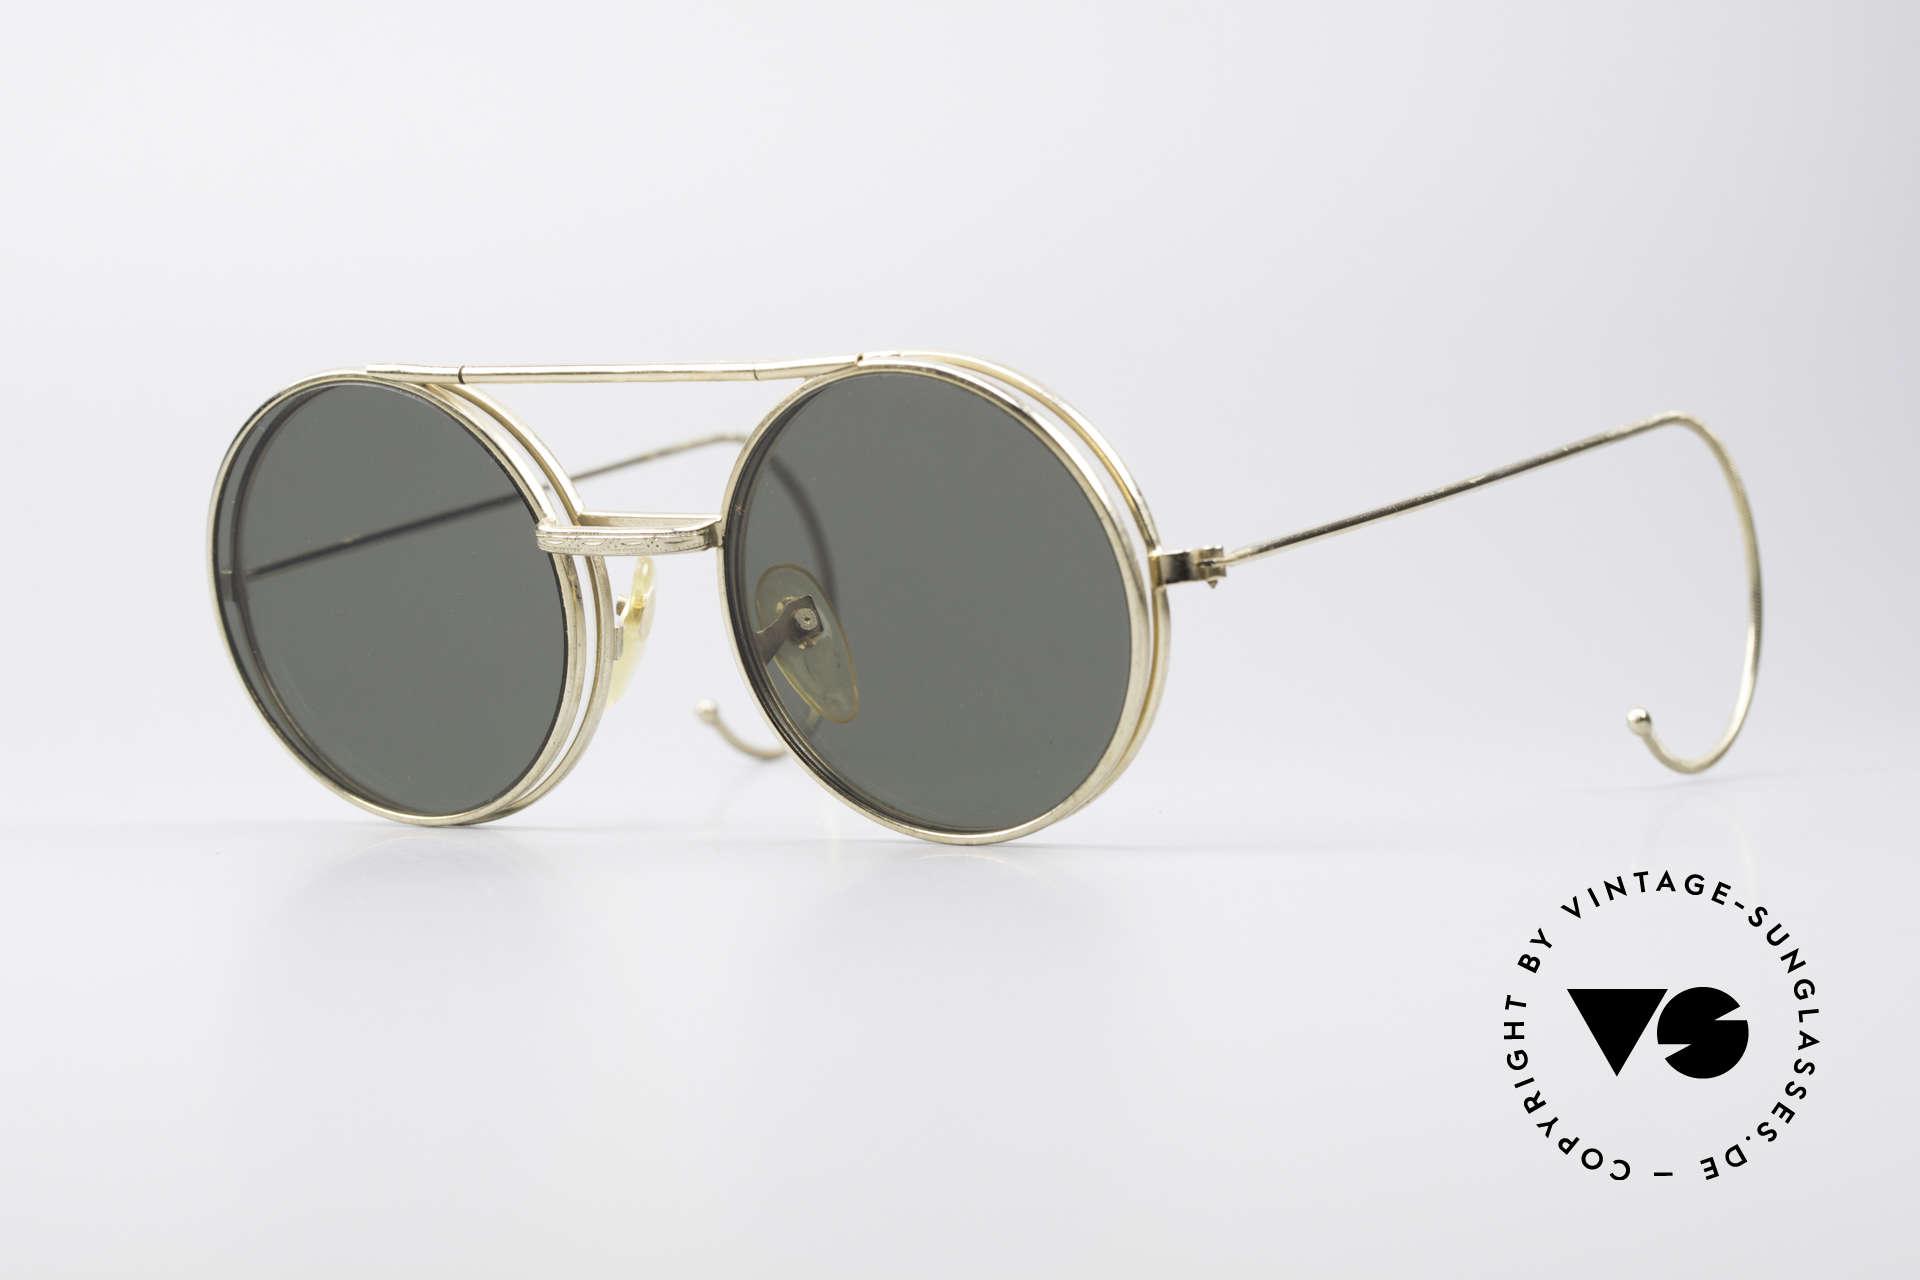 Django Unchained Kultige Filmsonnenbrille, alte vintage Sonnenbrille aus den 1960ern bzw. 1970ern, Passend für Herren